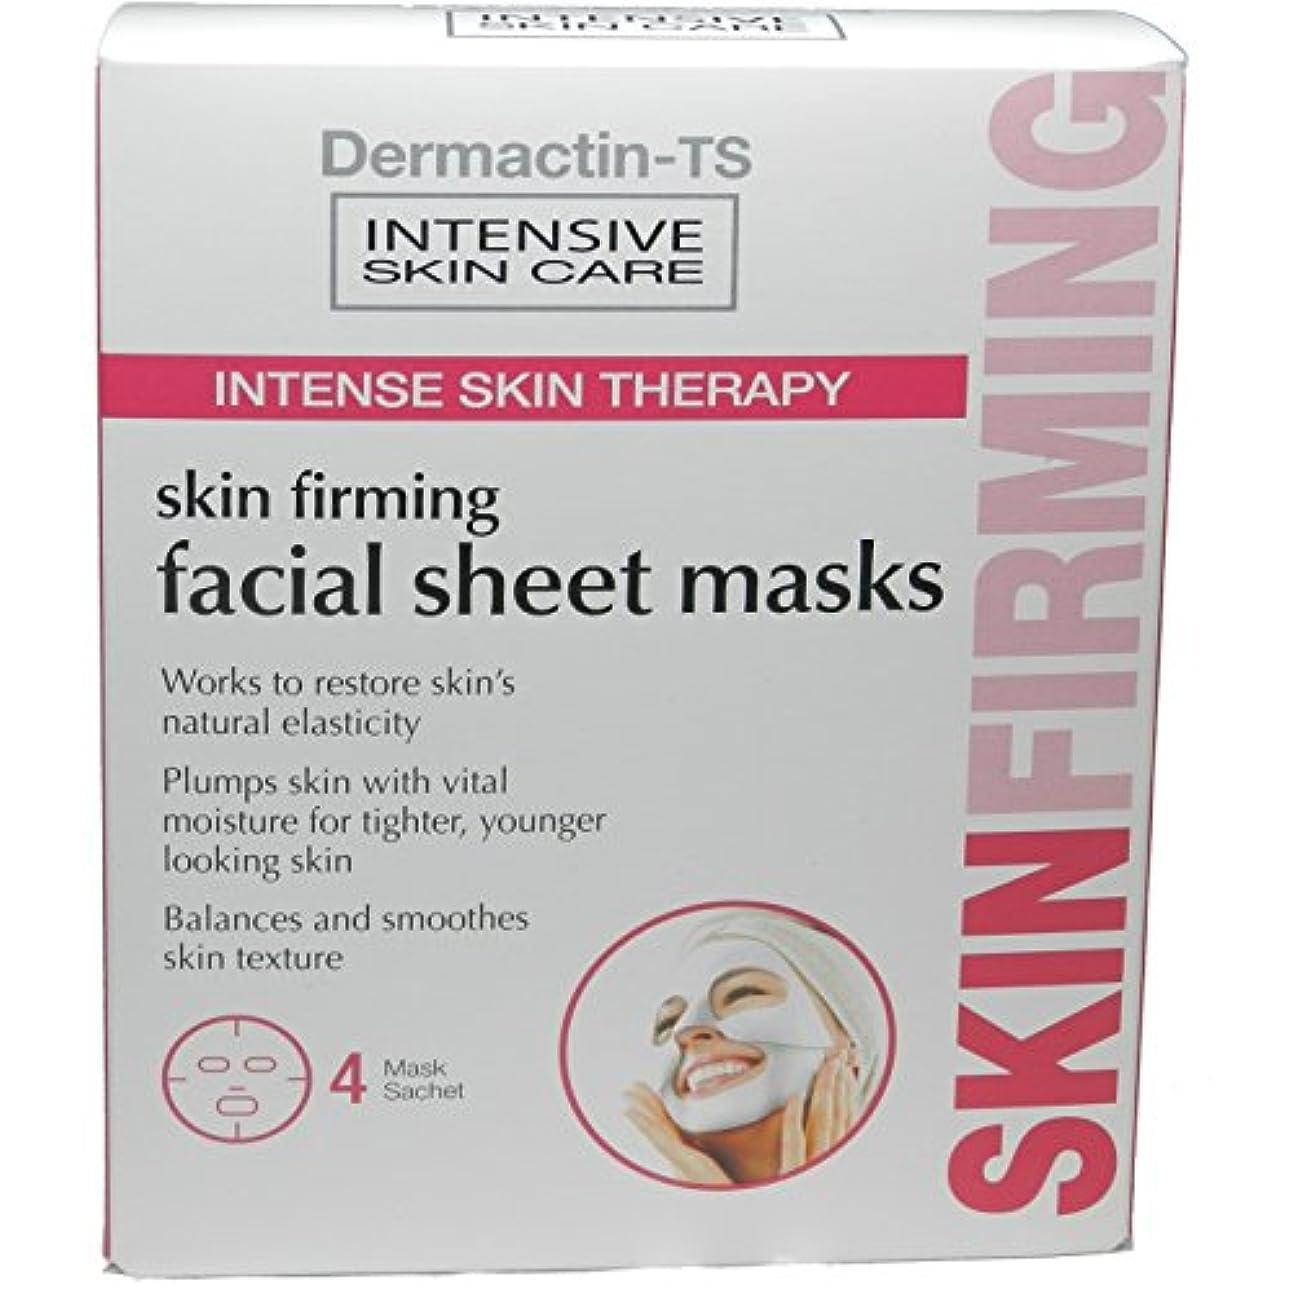 のぞき見真剣に栄光Dermactin-TS 激しいスキンセラピースキンファーミングフェイシャルマスク4カウント(3パック) (並行輸入品)